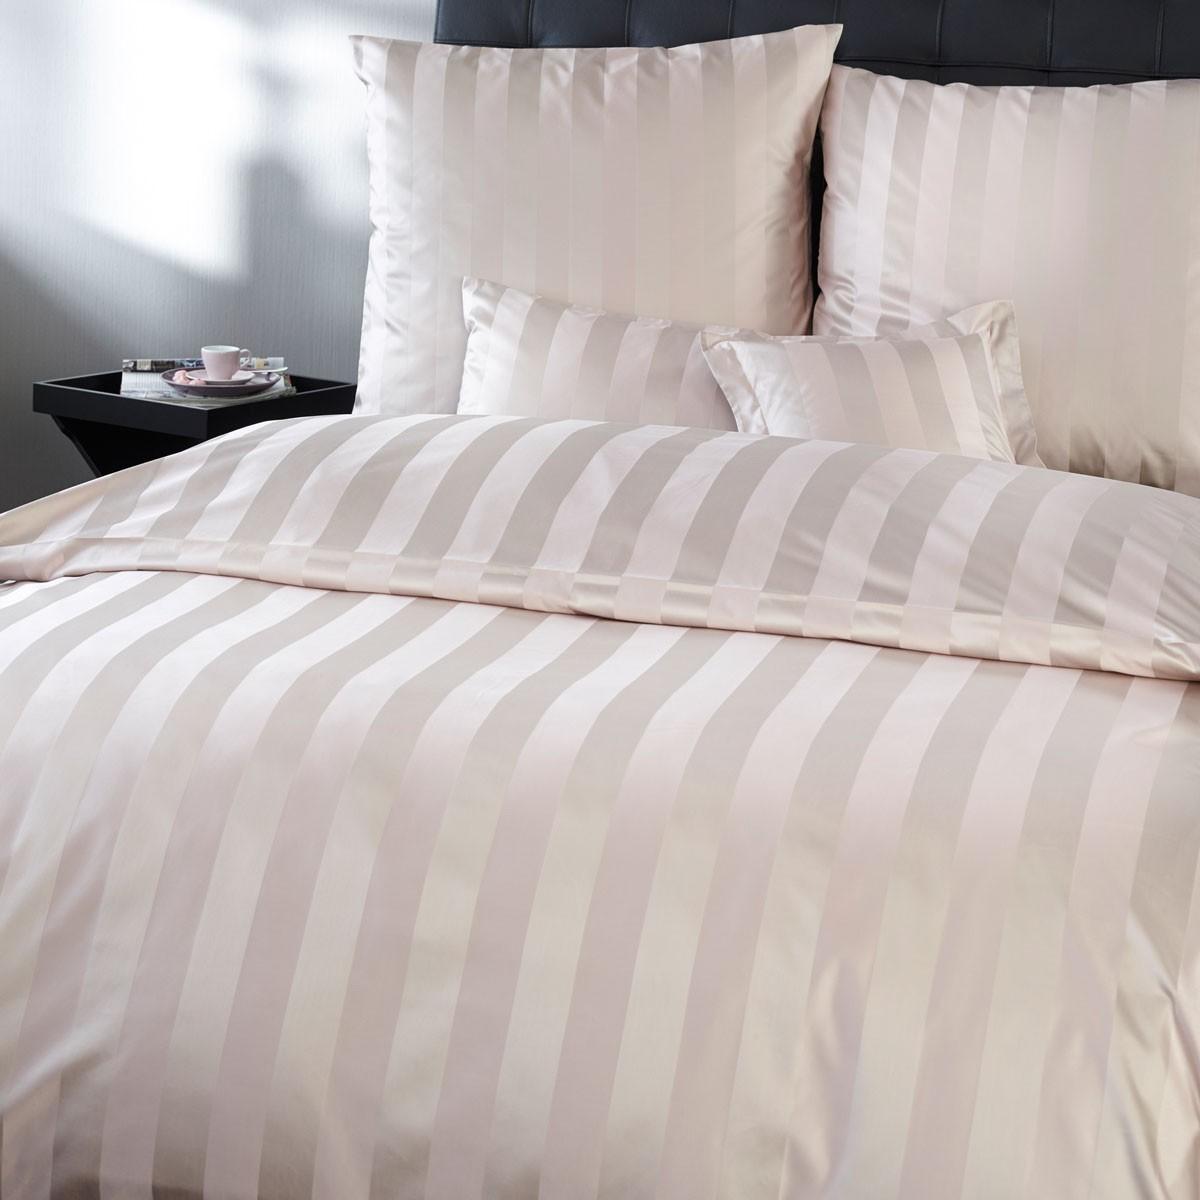 bettw sche curt bauer como 2044 puder. Black Bedroom Furniture Sets. Home Design Ideas